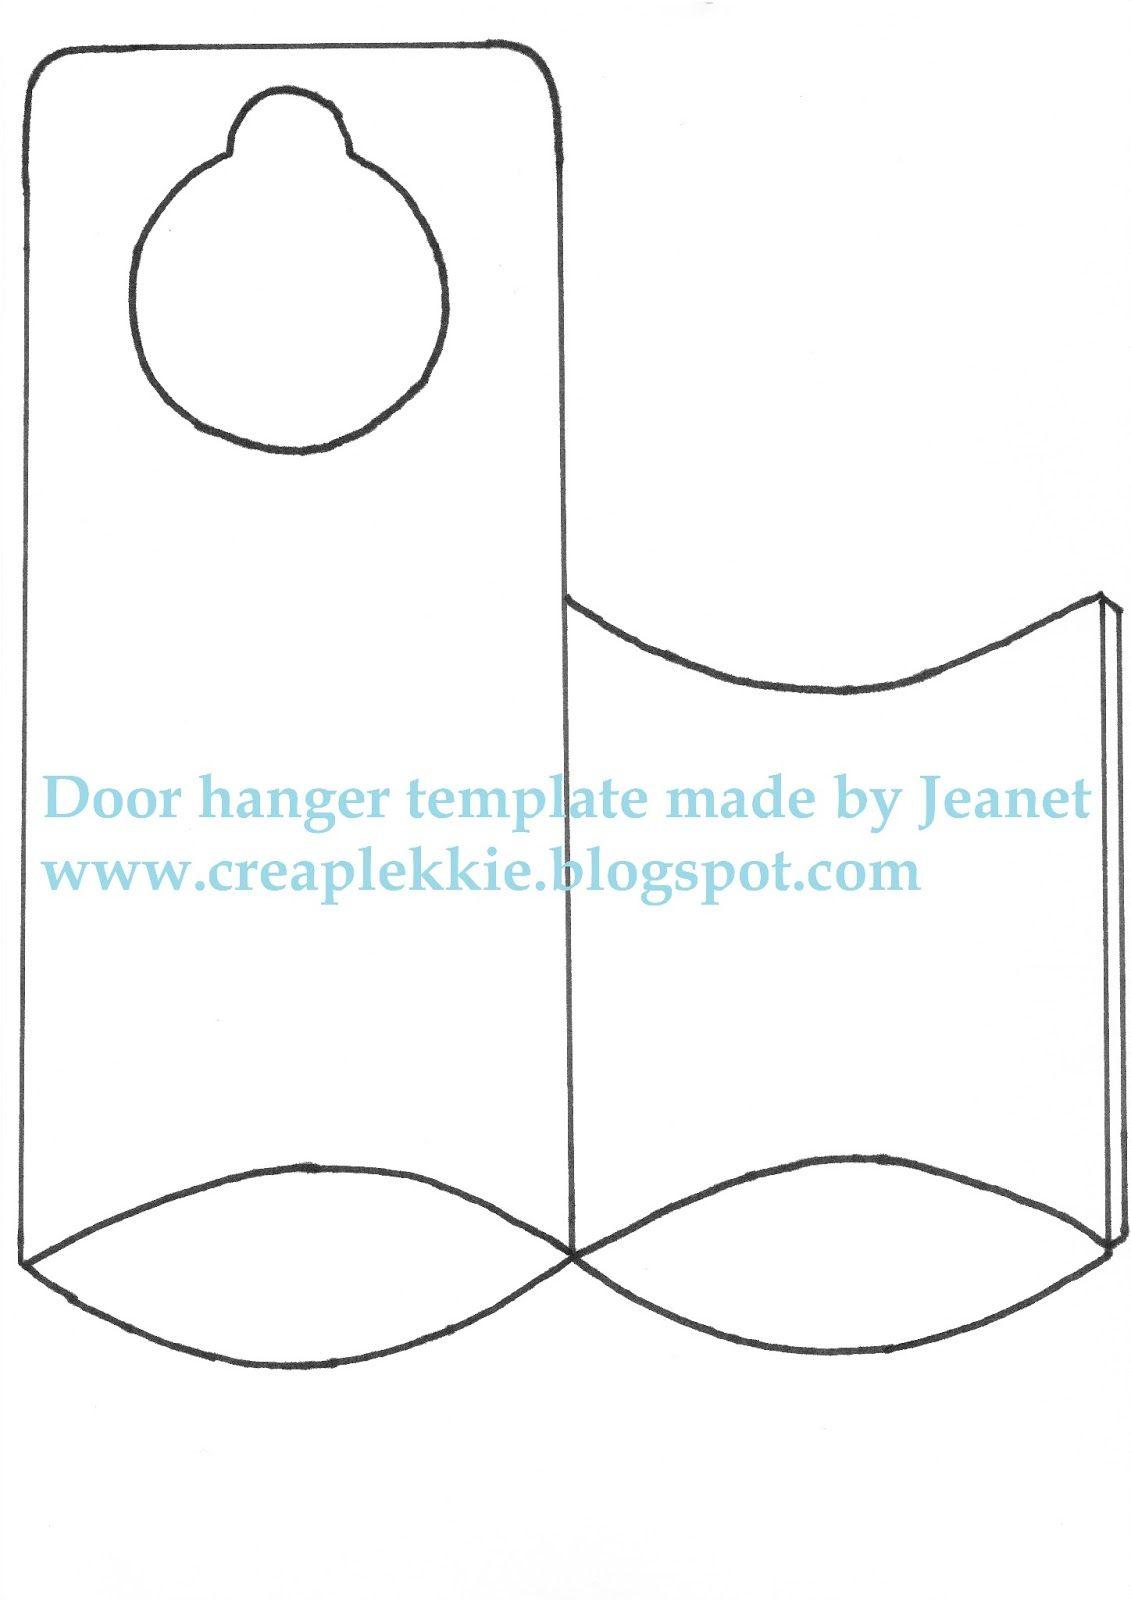 whiff of joy tutorials inspiration door hanger template paper